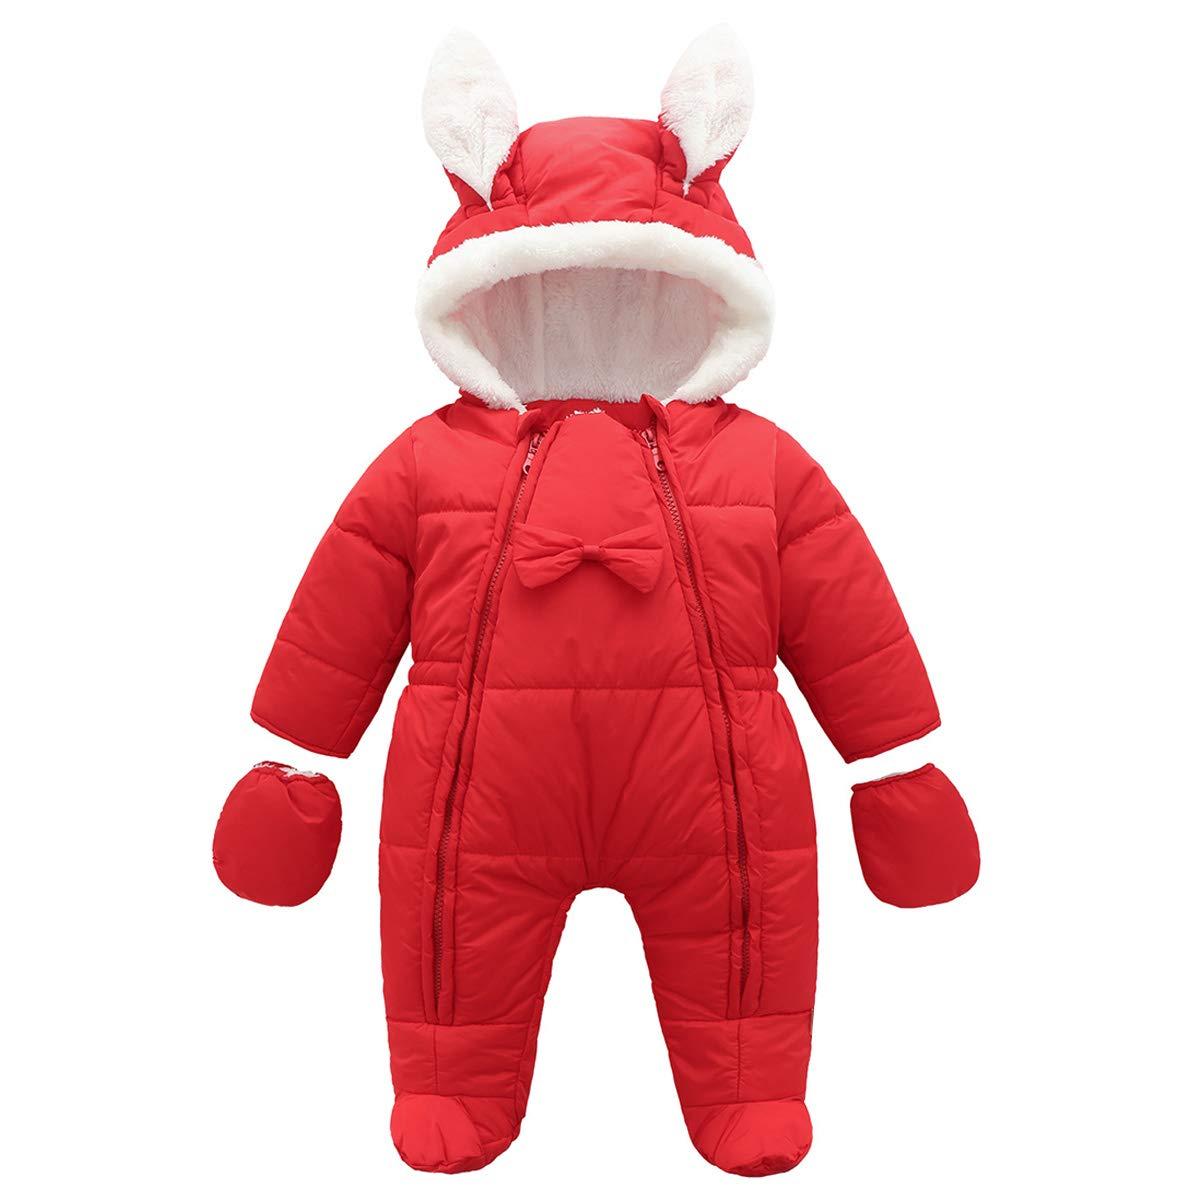 Famuka Baby Snowsuit Warm Winter Romper Fleece Lined Outwear Outfit